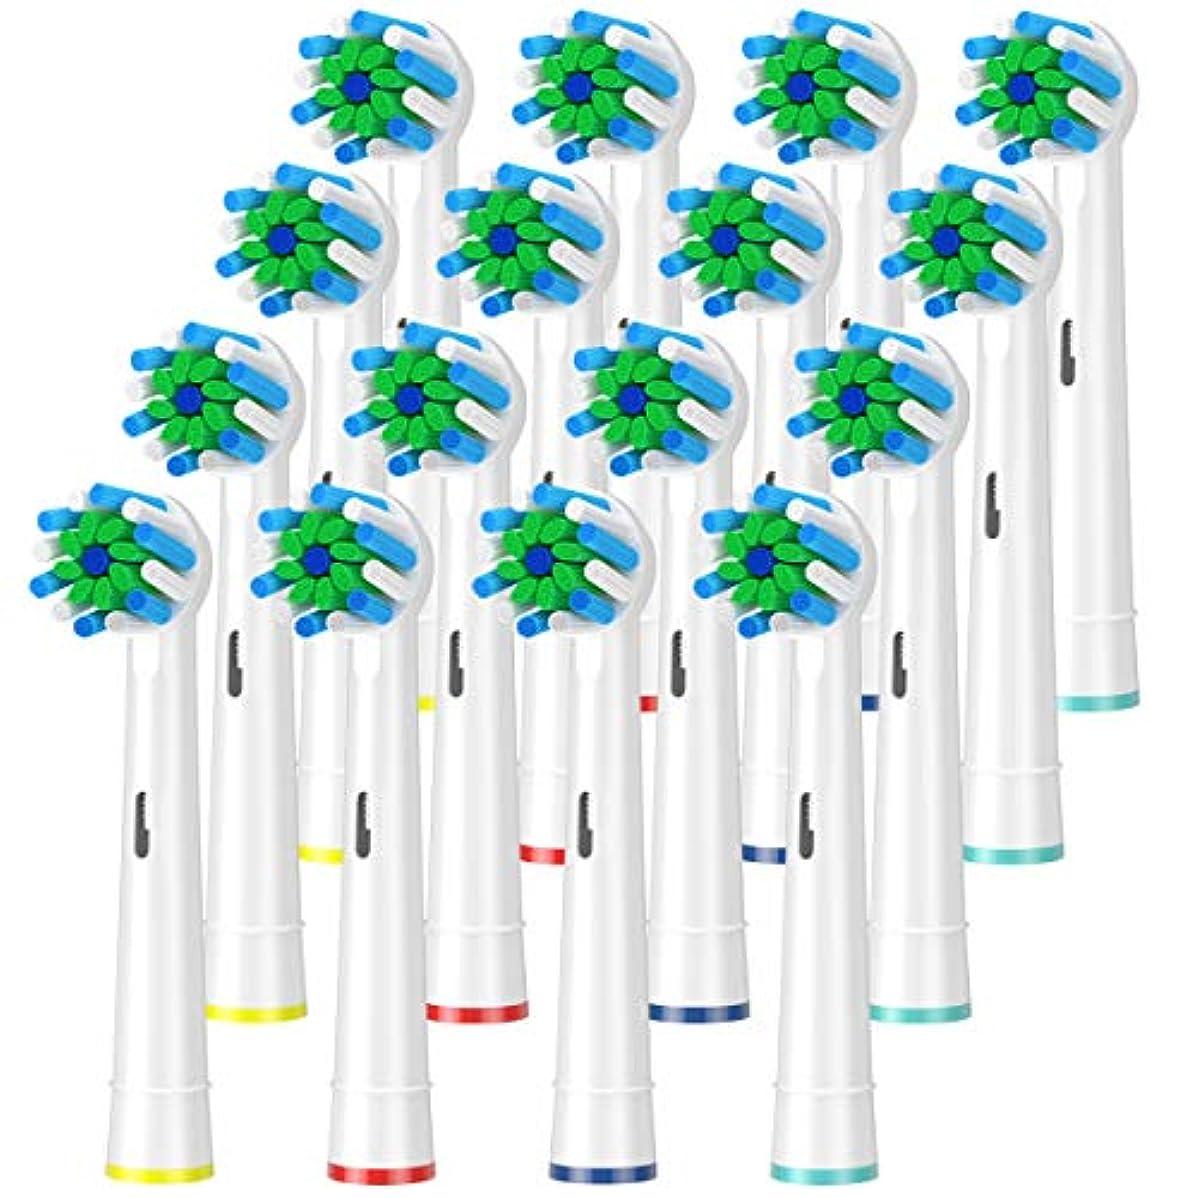 出身地努力するアーティストITECHNIK ブラウン 電動歯ブラシ 対応 替えブラシ ブラウン オーラルB 替えブラシ Action cross(16)